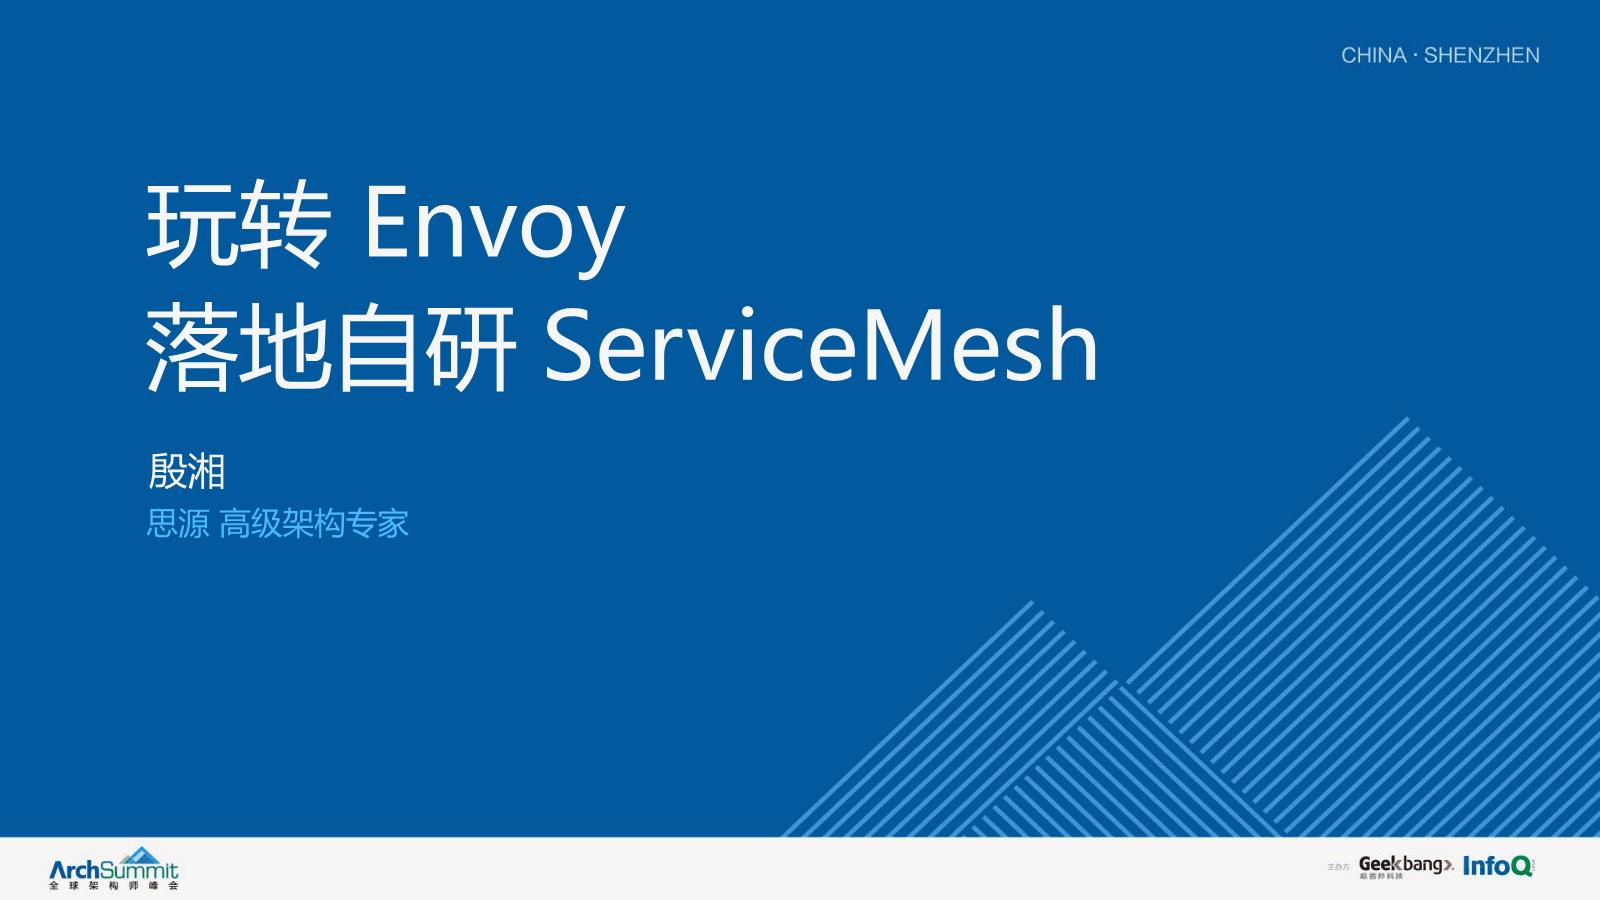 殷湘-玩转Envoy 落地自研Service Mesh